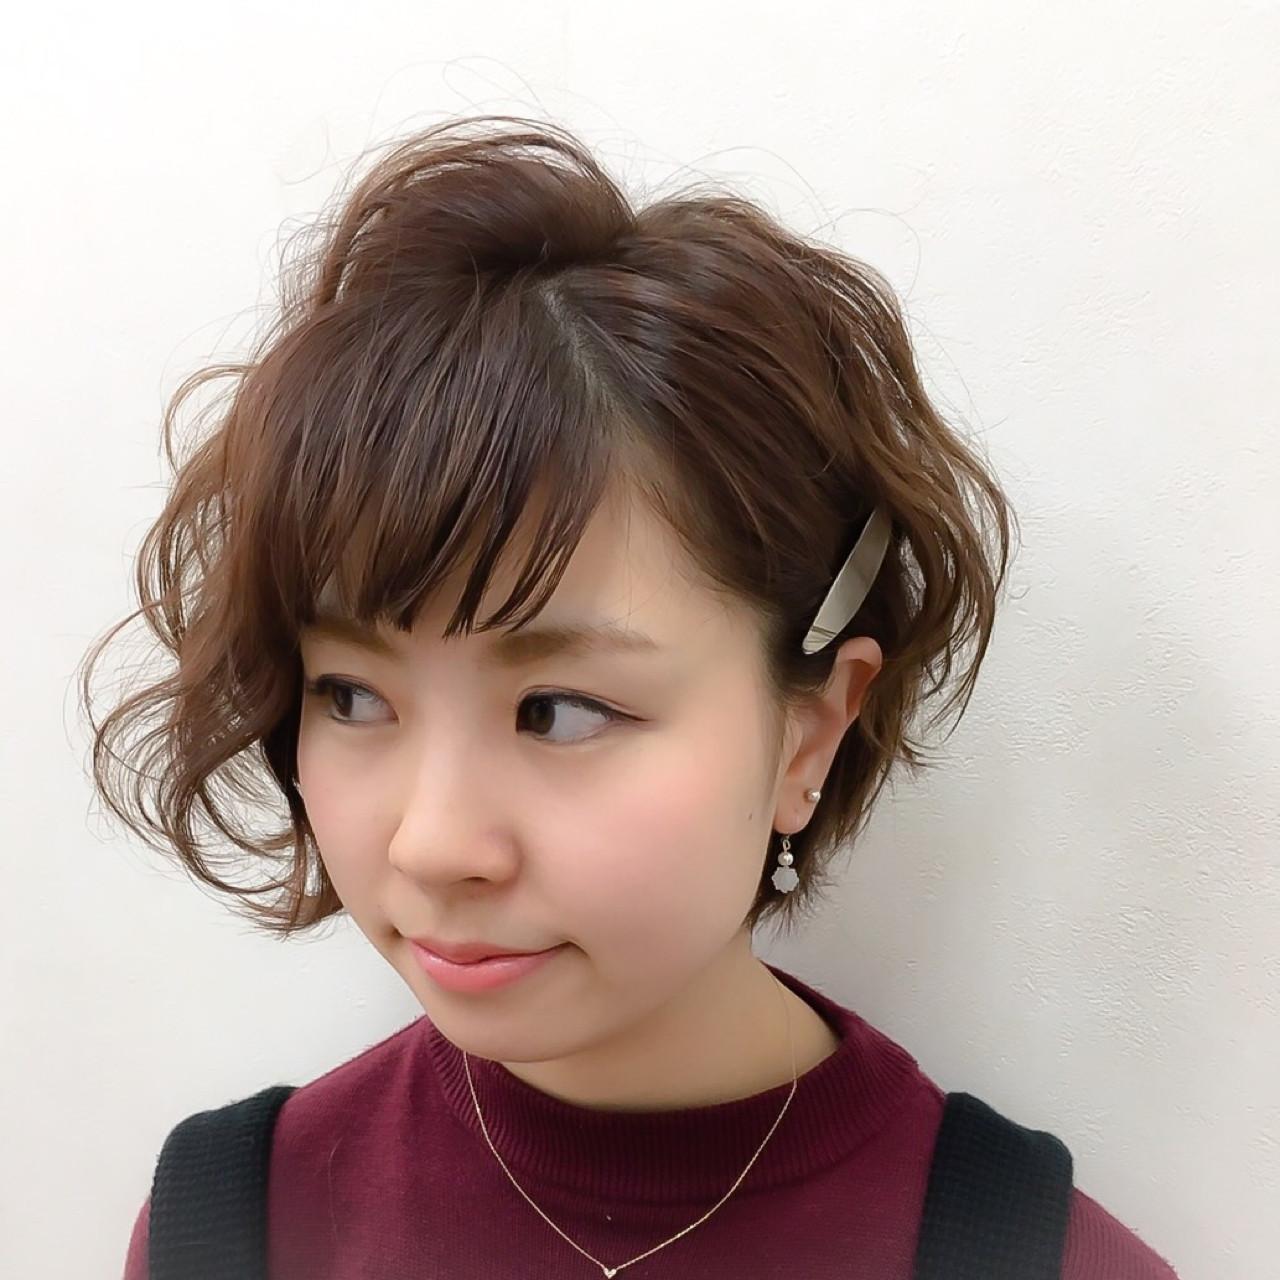 ナチュラル 簡単ヘアアレンジ ヘアアレンジ 小顔 ヘアスタイルや髪型の写真・画像